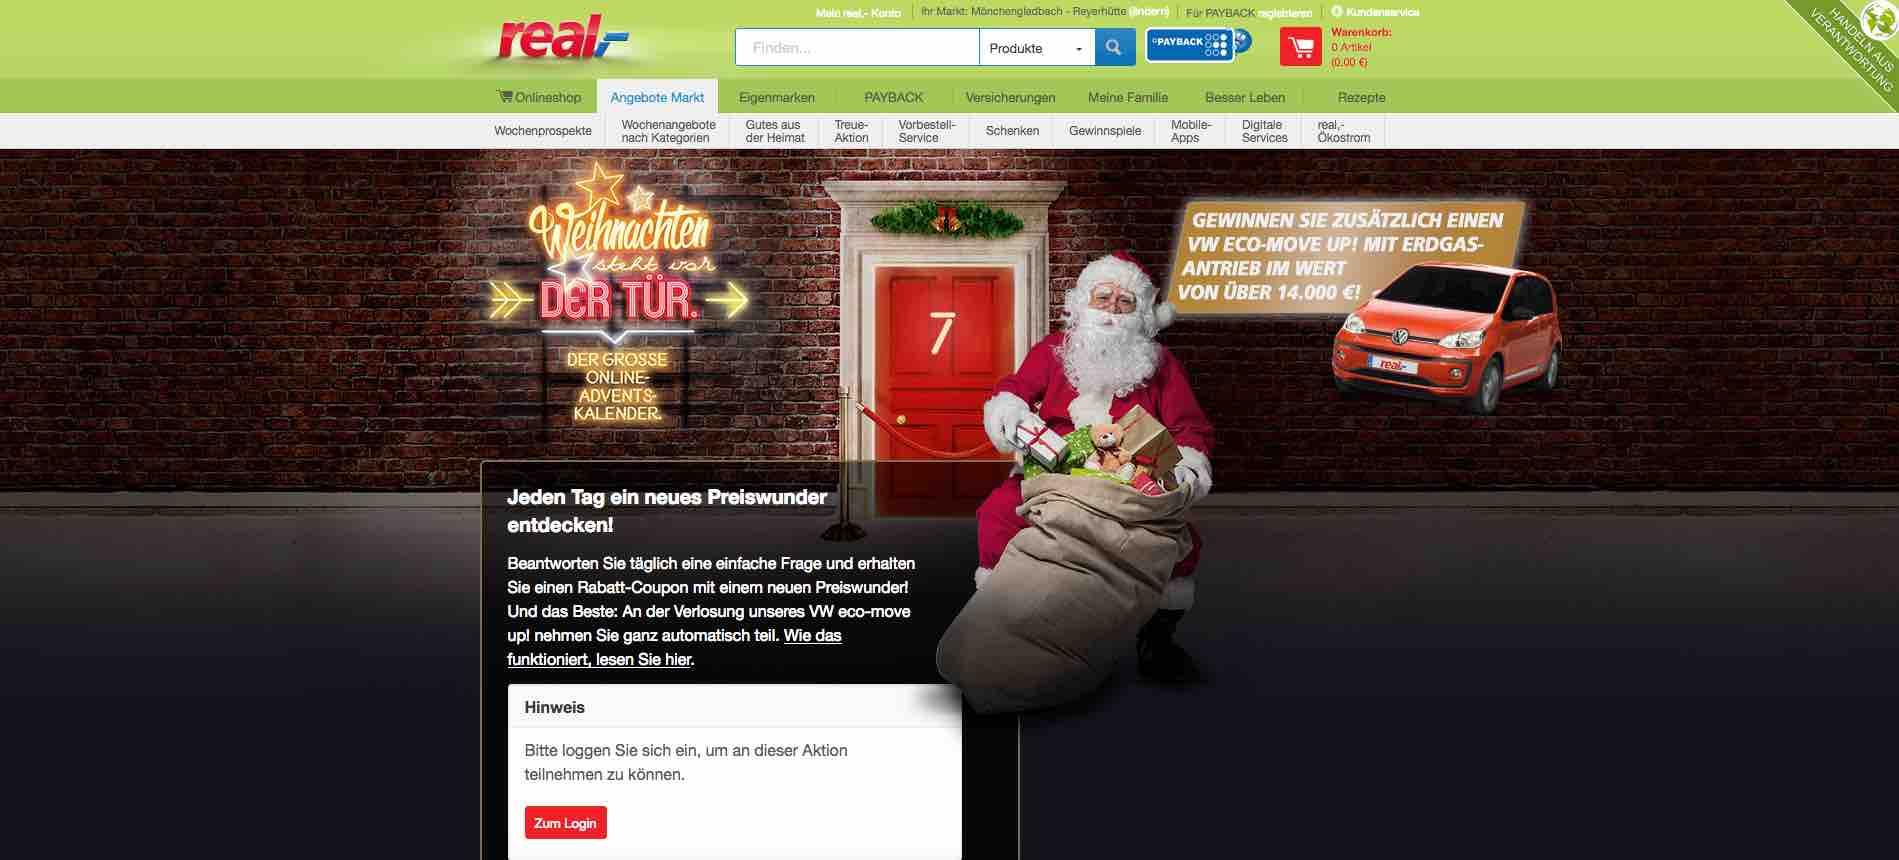 Weihnachtskalender Real.Real Online Adventskalender Auto Gewinnspiel Vw Up Gewinnen